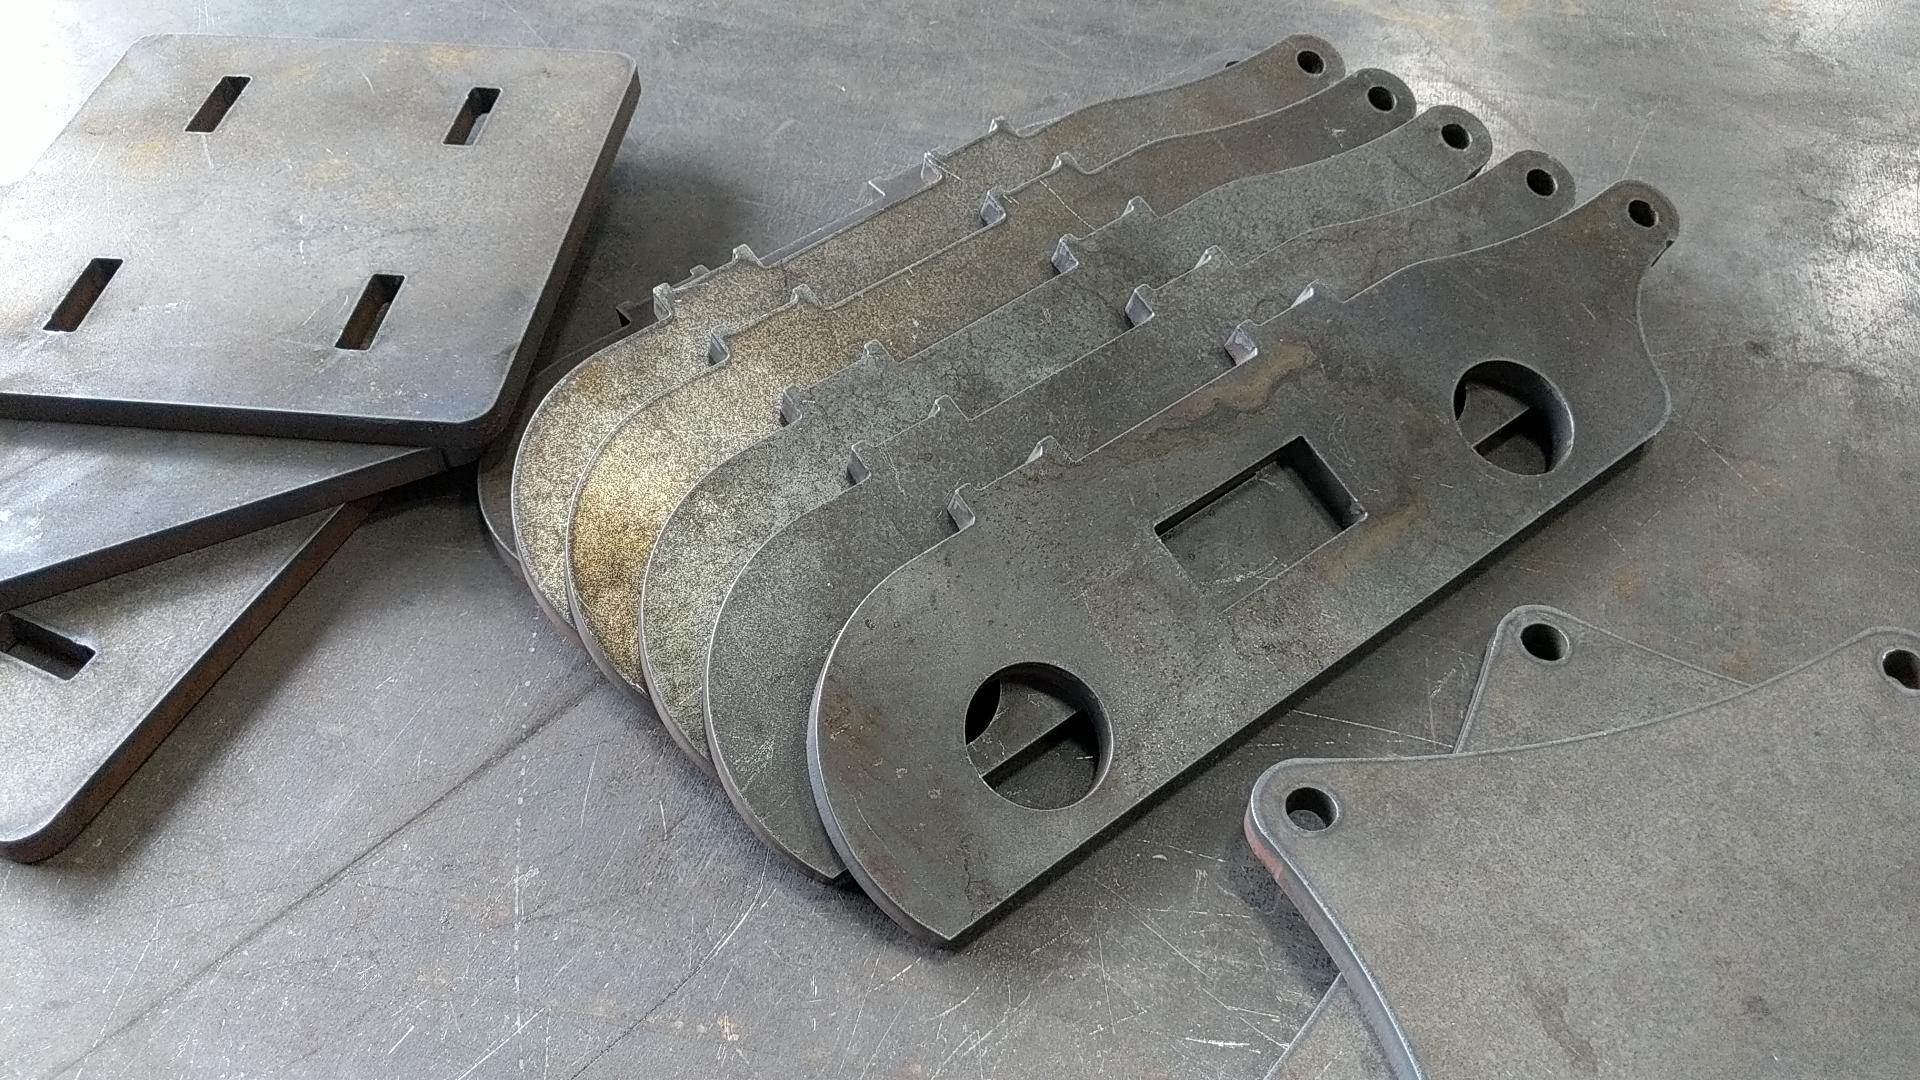 Tab and slot CNC cut A36 steel